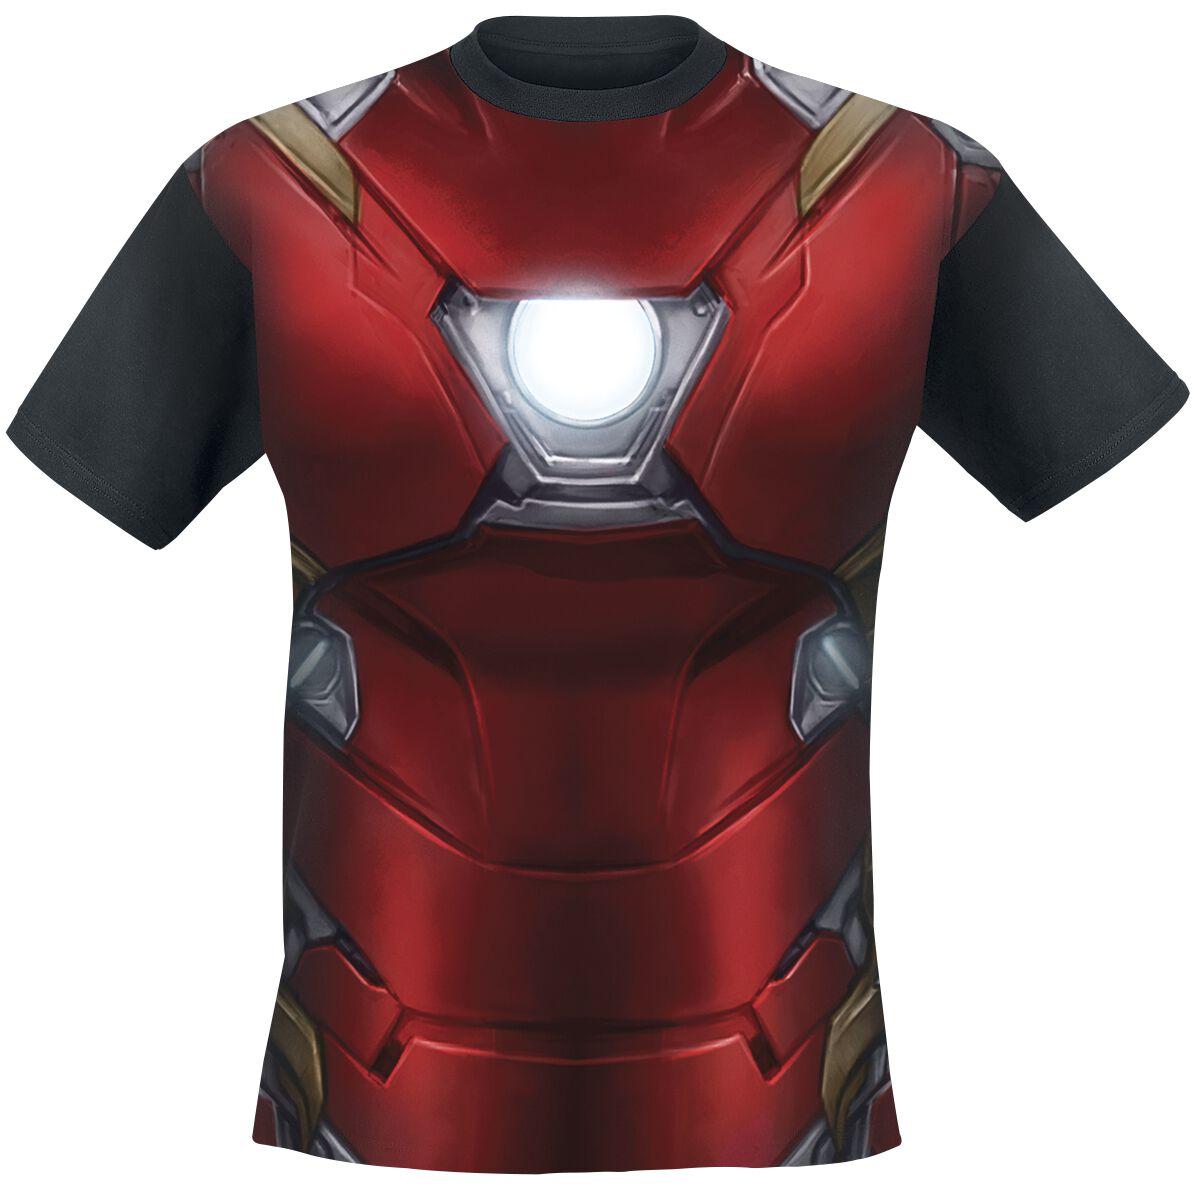 Merch dla Fanów - Koszulki - T-Shirt Iron Man Civil War - Costume T-Shirt wielokolorowy - 328572